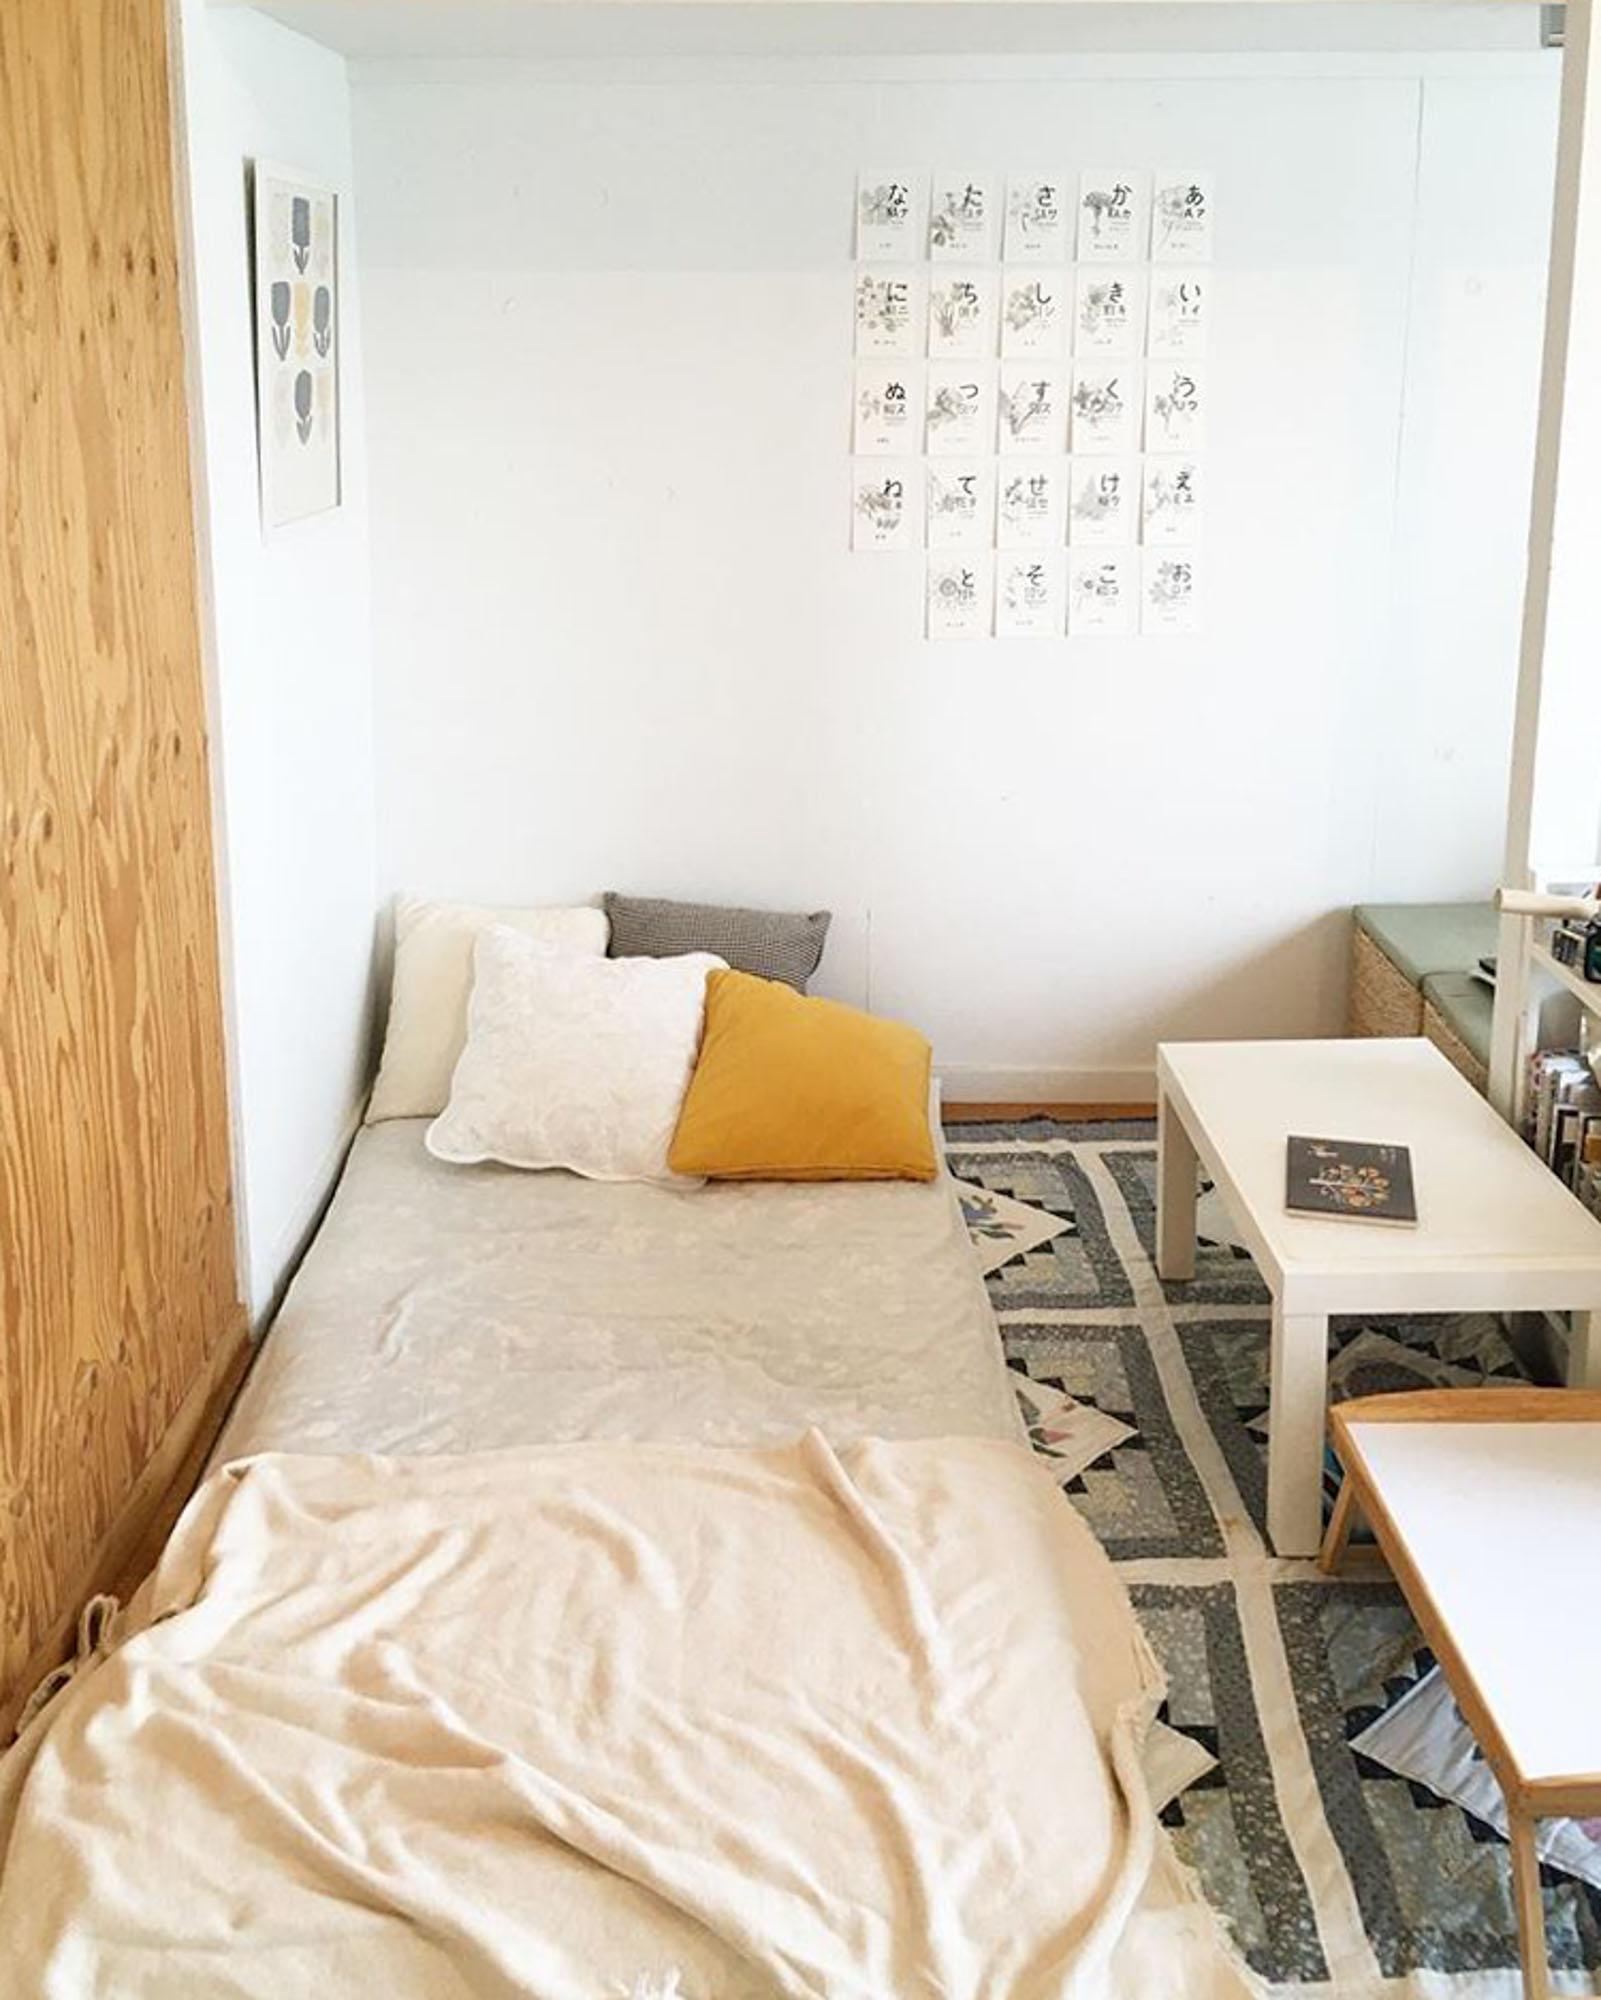 お客さんが泊まるときや、気分転換にしたいときはマットを伸ばしてここで寝られるようになっています。